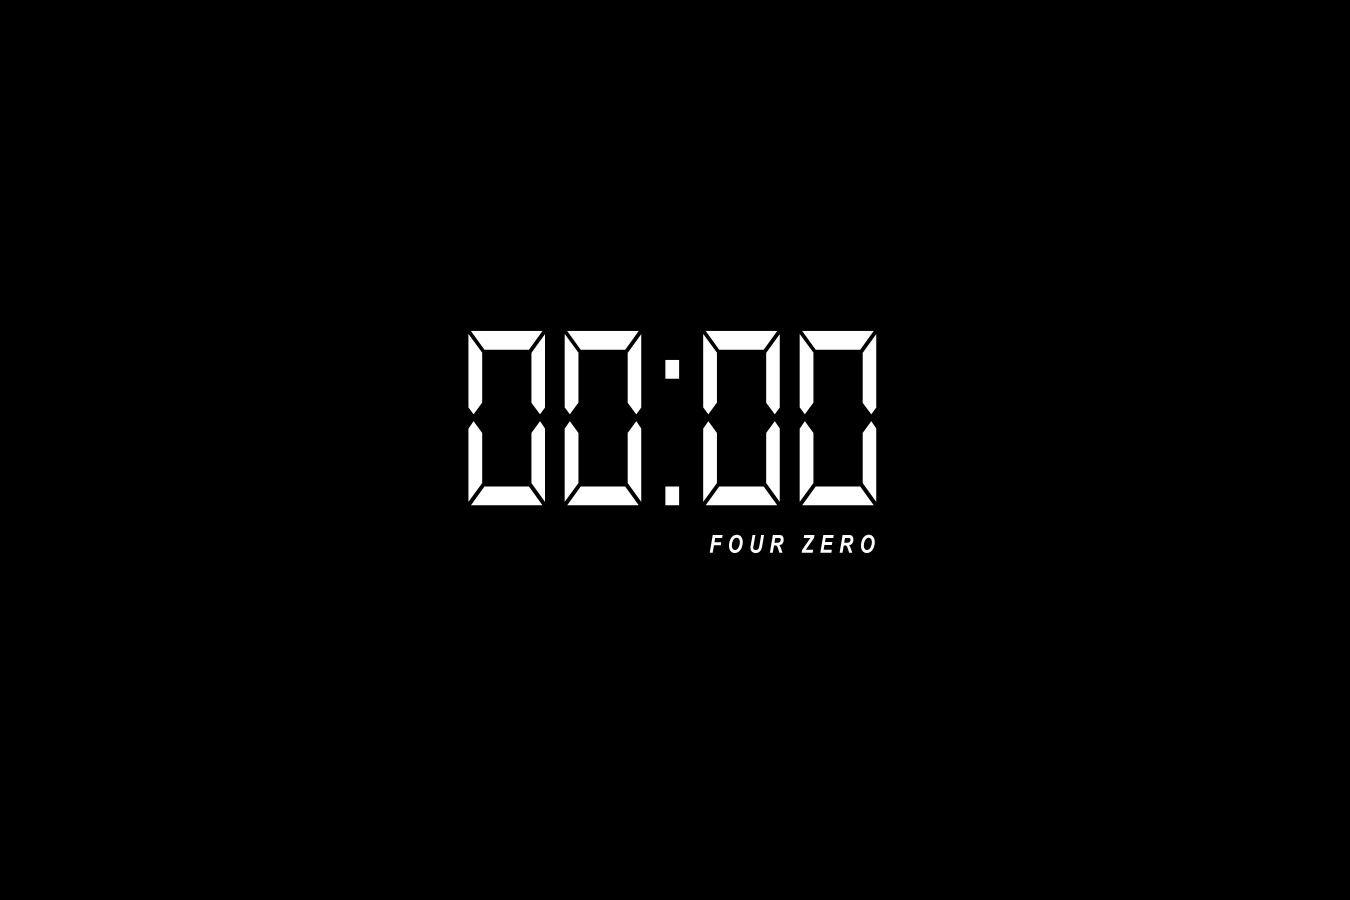 FourZero 00:00